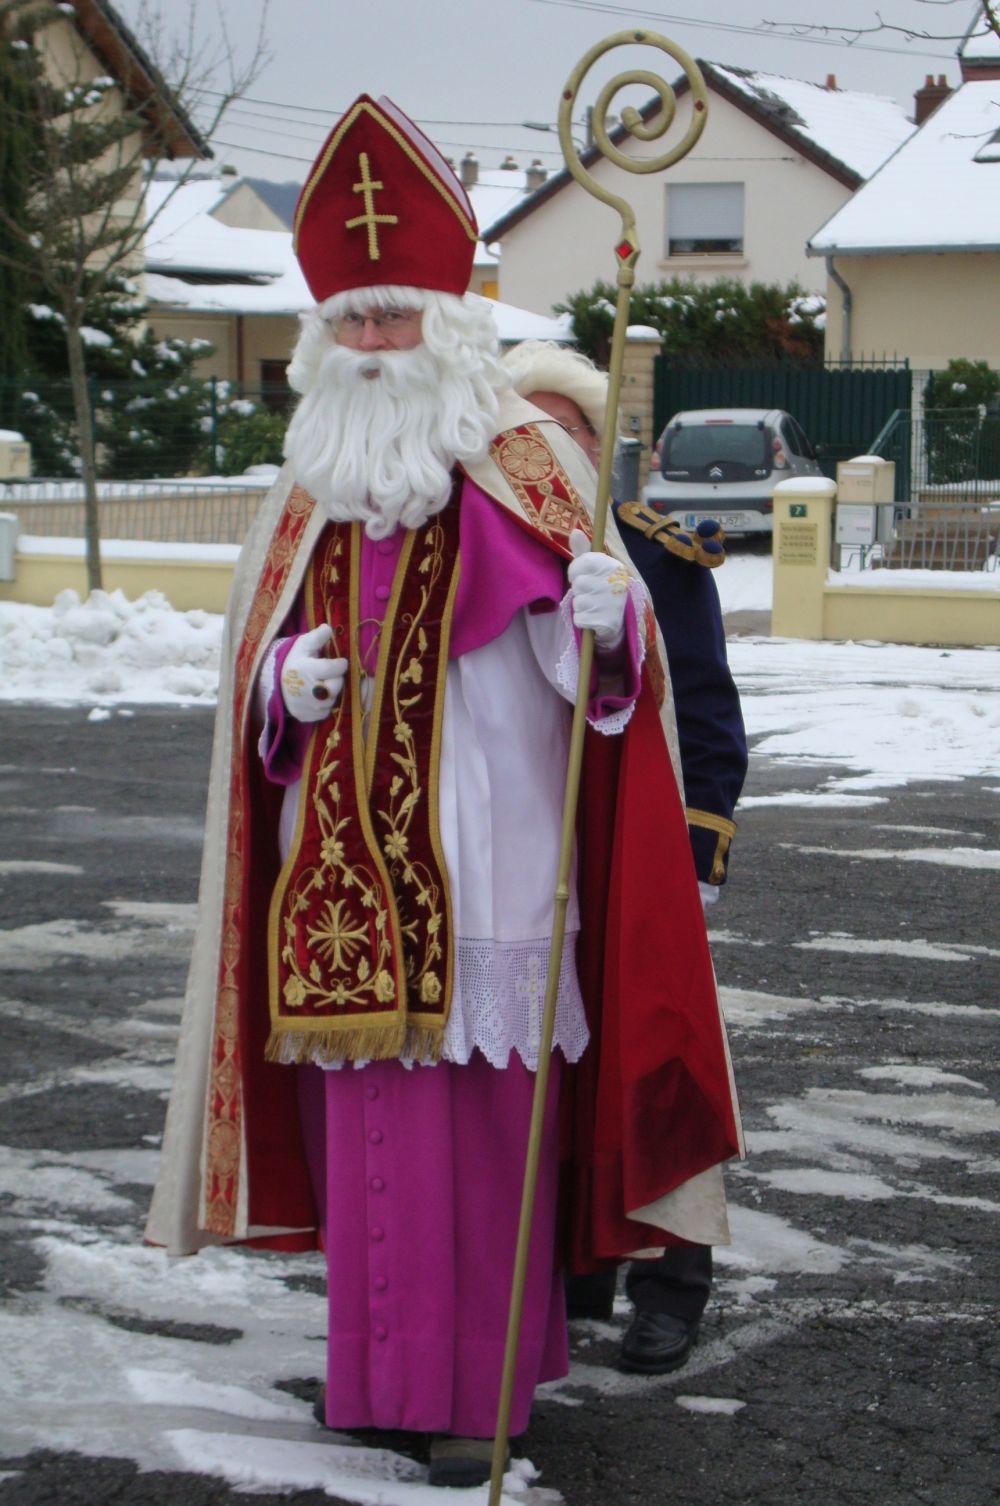 В католических странах на праздник Святого Николая прежде чем лечь спать дети готовят большие носки для подарков. Подобная практика распространена в большинстве западных стран.